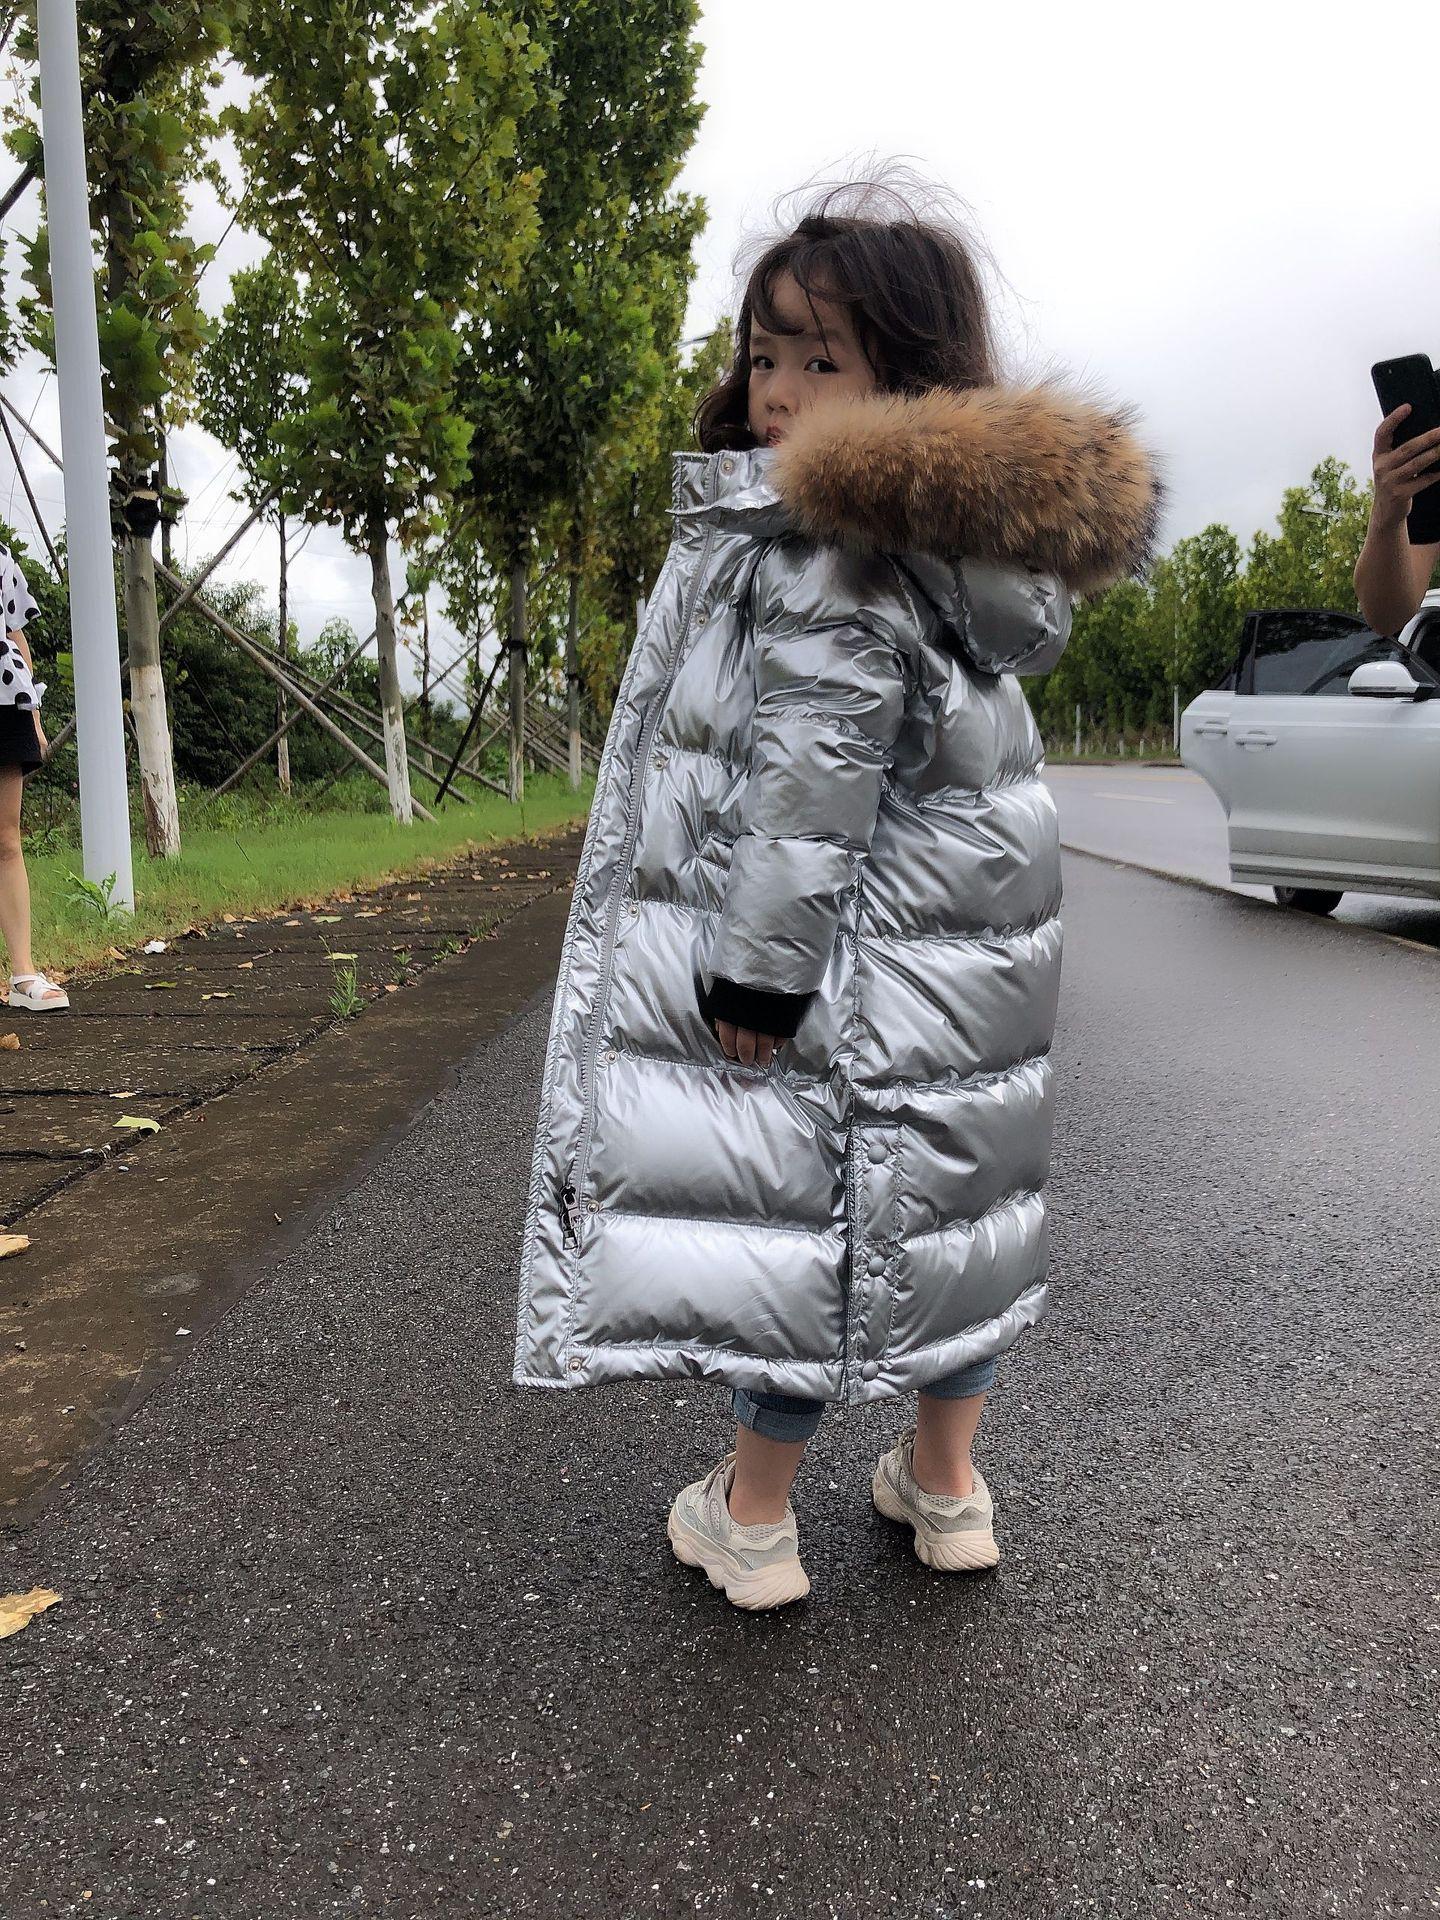 OLEKID 2020 русская зимняя пуховая куртка для девочек Водонепроницаемая блестящая теплая зимняя куртка для девочек От 5 до 14 лет парка для девоче...